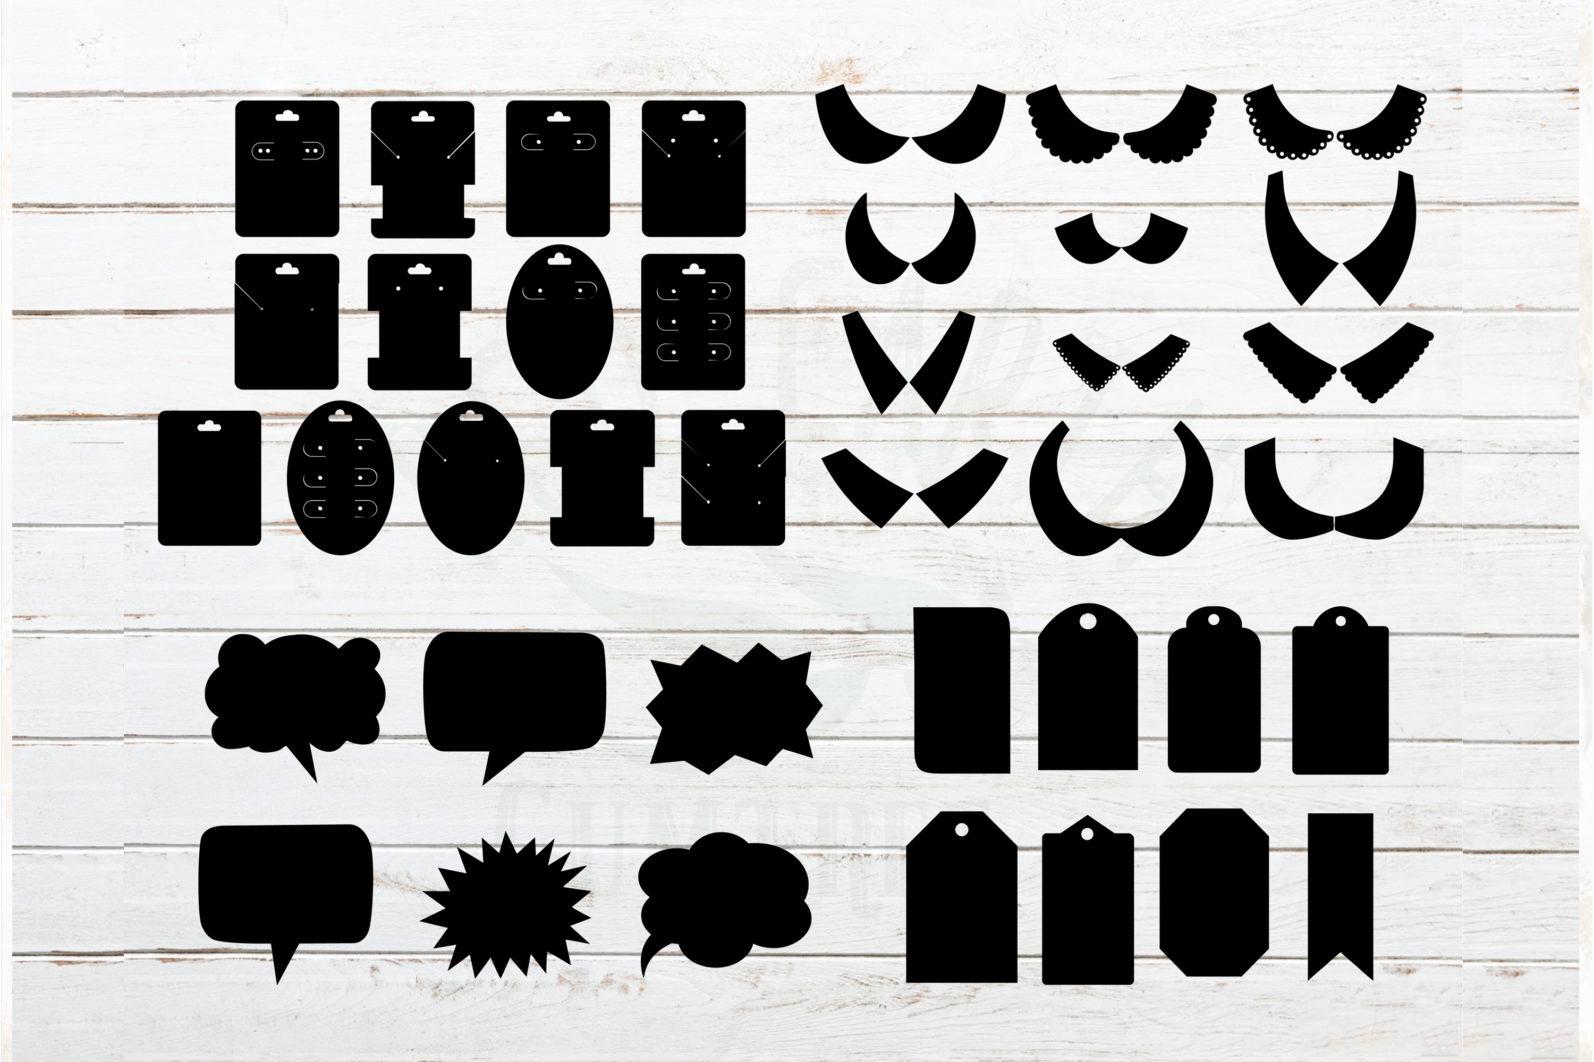 The Mega SVG Bundle Design Volume 2. More than 250 Designs in SVG,PNG,DXF,PDF,EPS formats - svg bundle for cricutfishing bundletrain bundlehoney bee honeycomb svganimal nbundleowl svgfish bundlefarm bundle svgballet bundle svgcute monster faces 7 scaled -